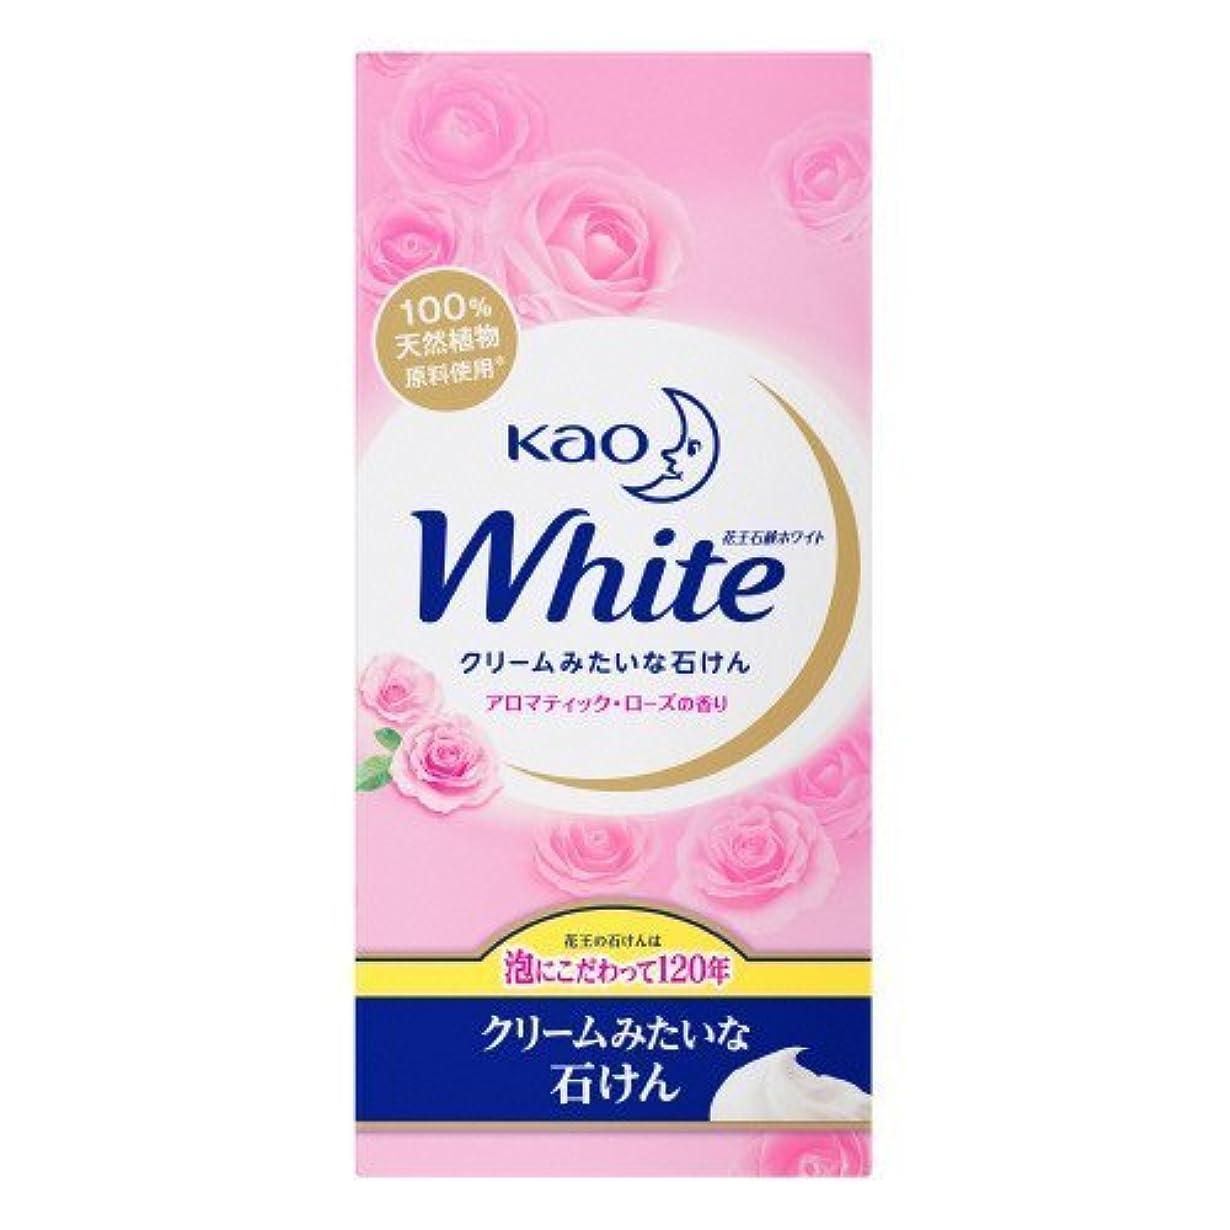 顕著正しくパテ【花王】花王ホワイト アロマティックローズの香りレギュラーサイズ (85g×6個) ×5個セット